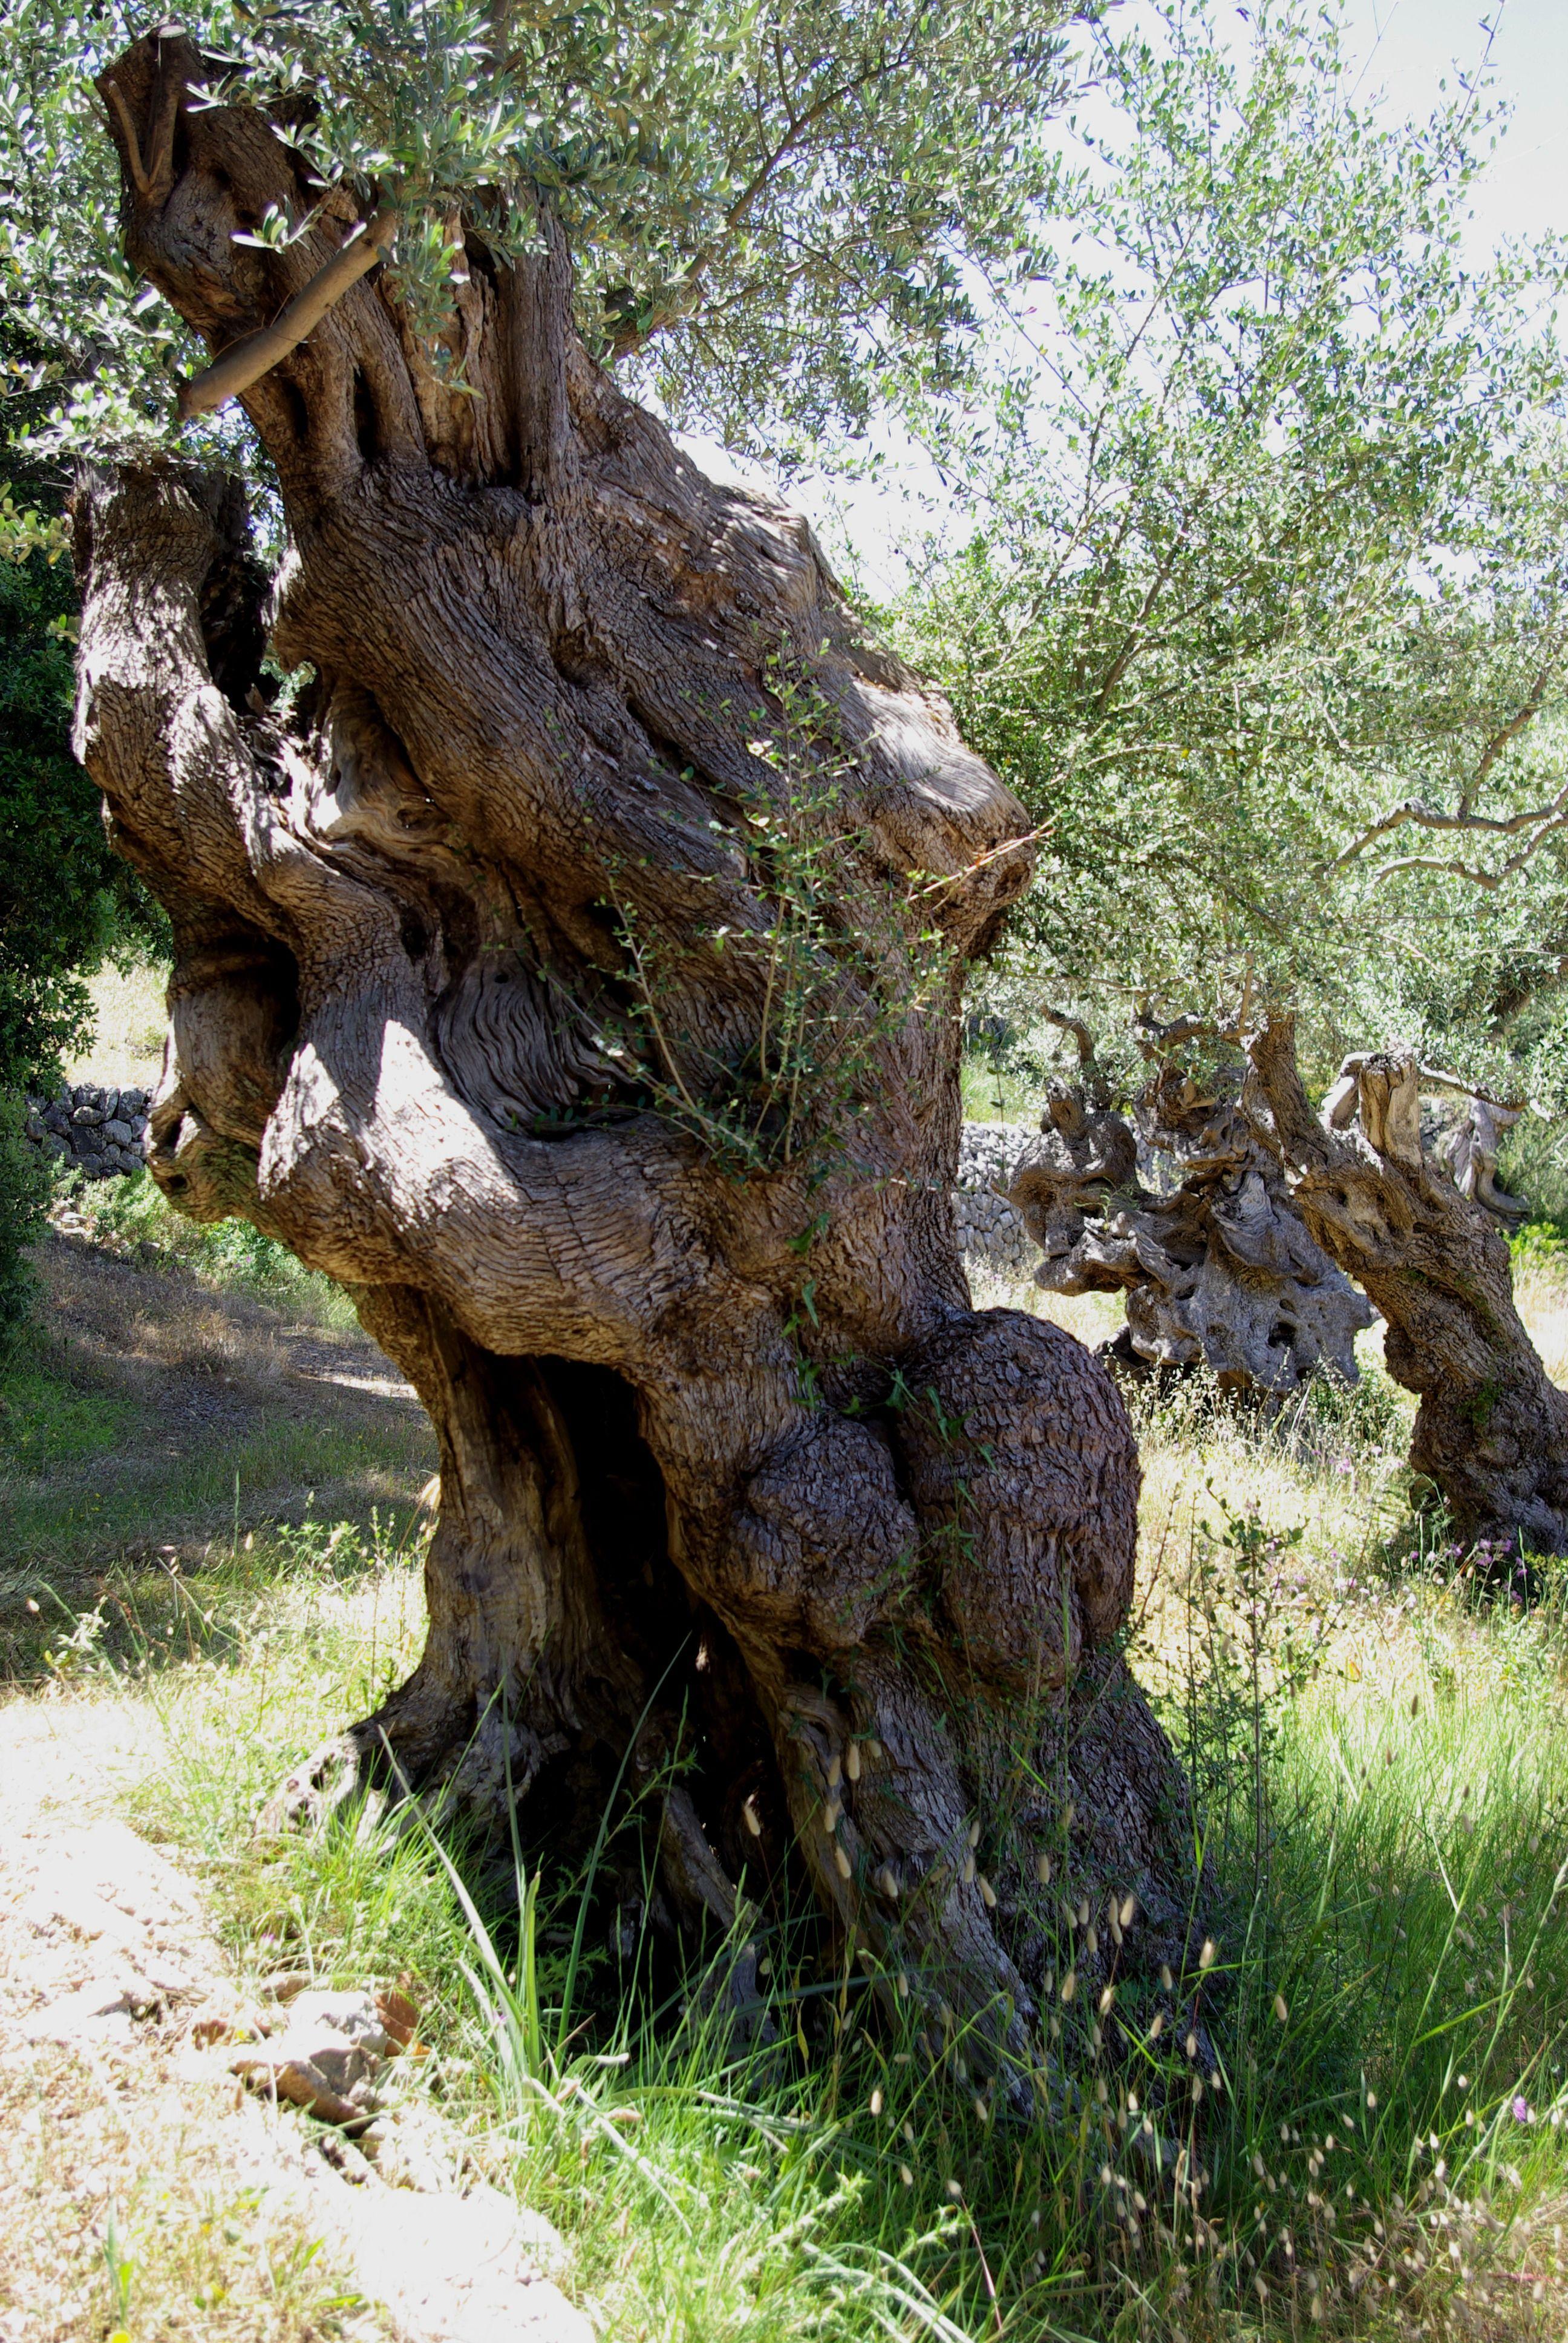 Ancient olive trees near Port de Soller, Mallorca